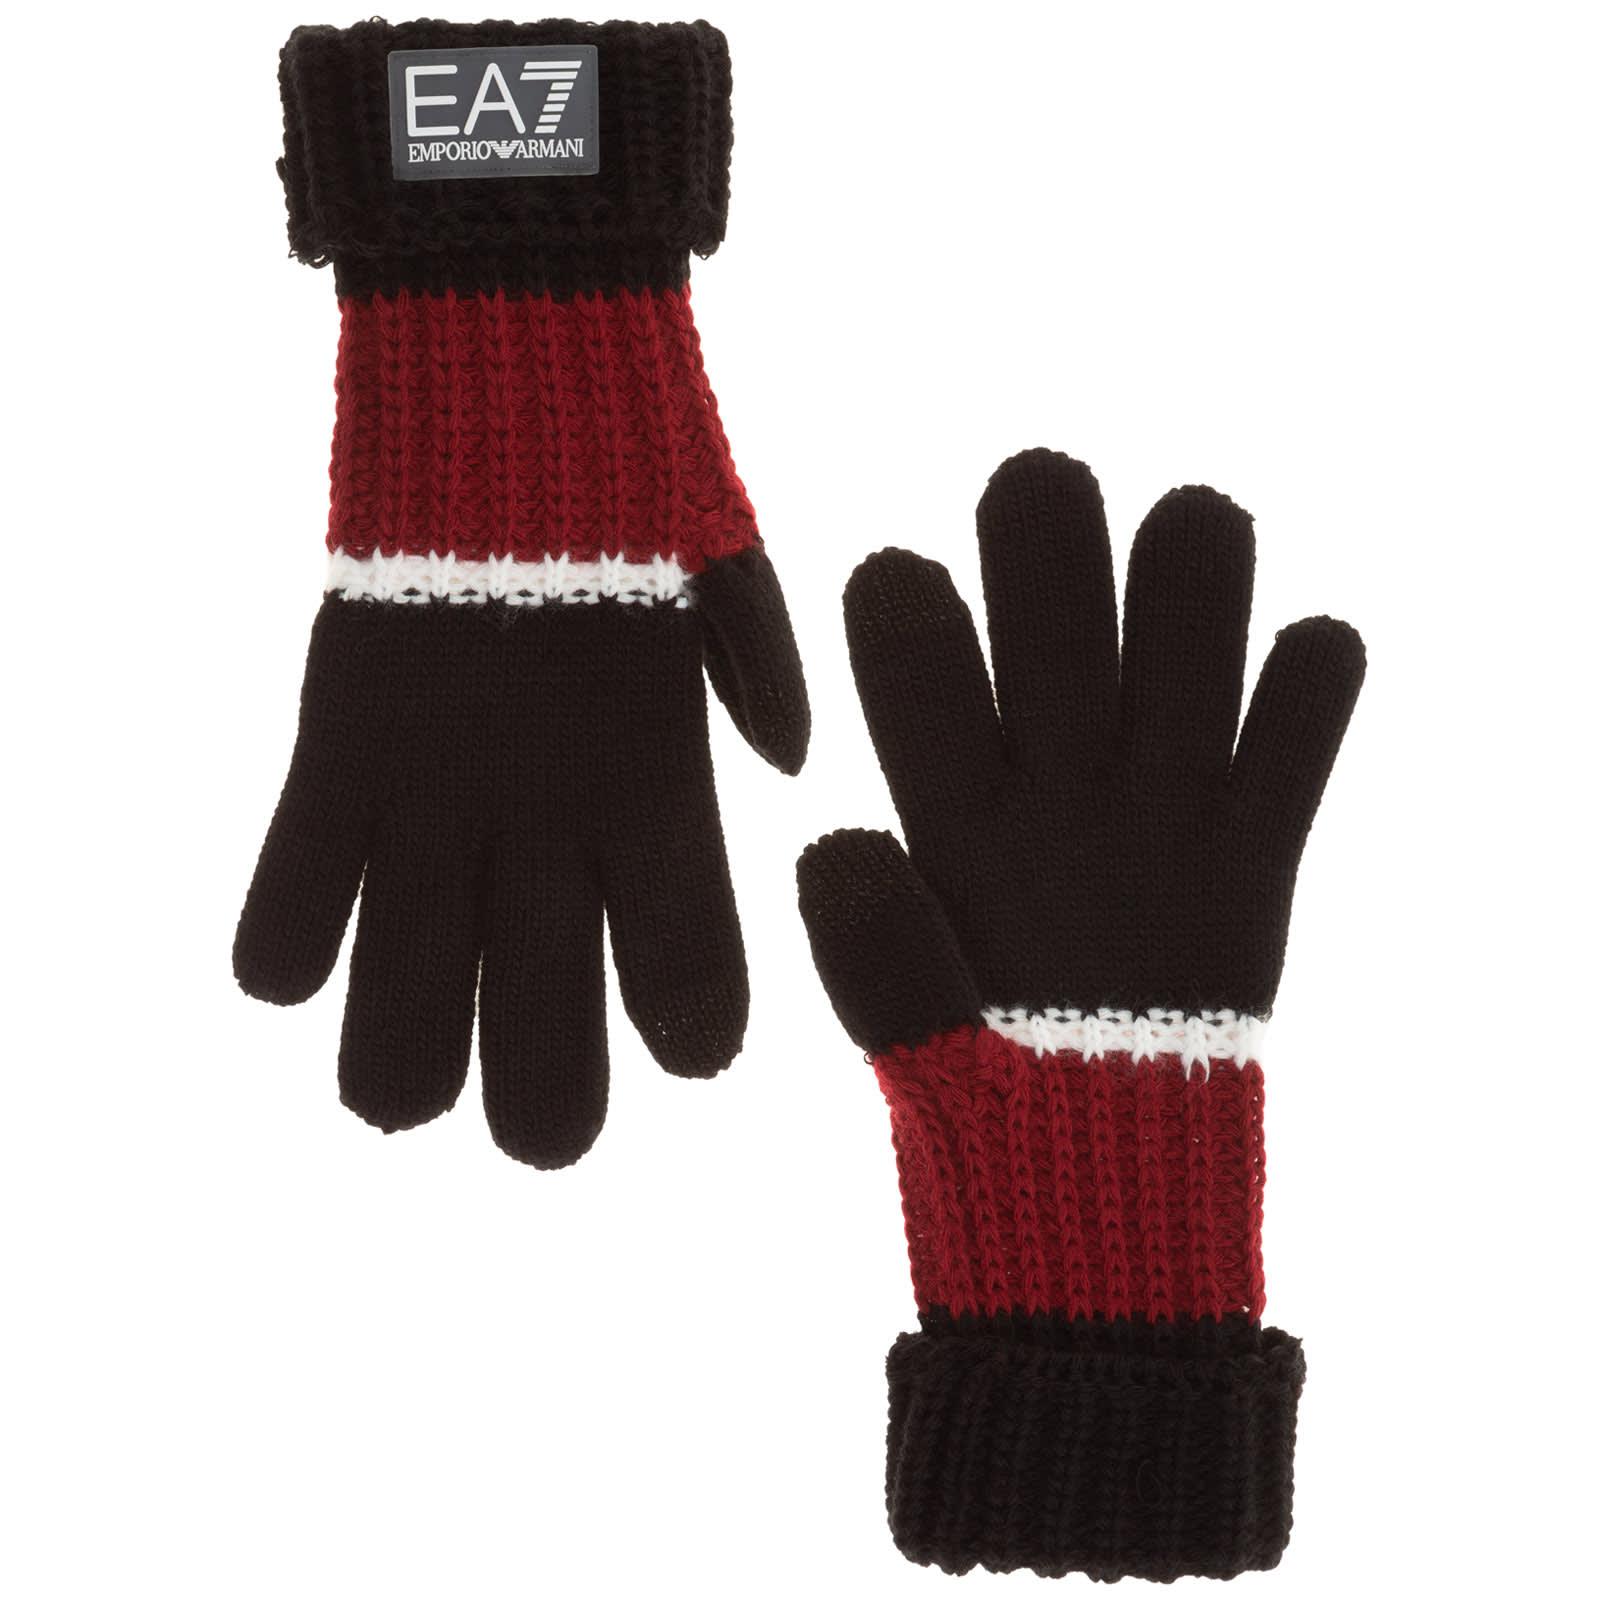 Eagle Gloves